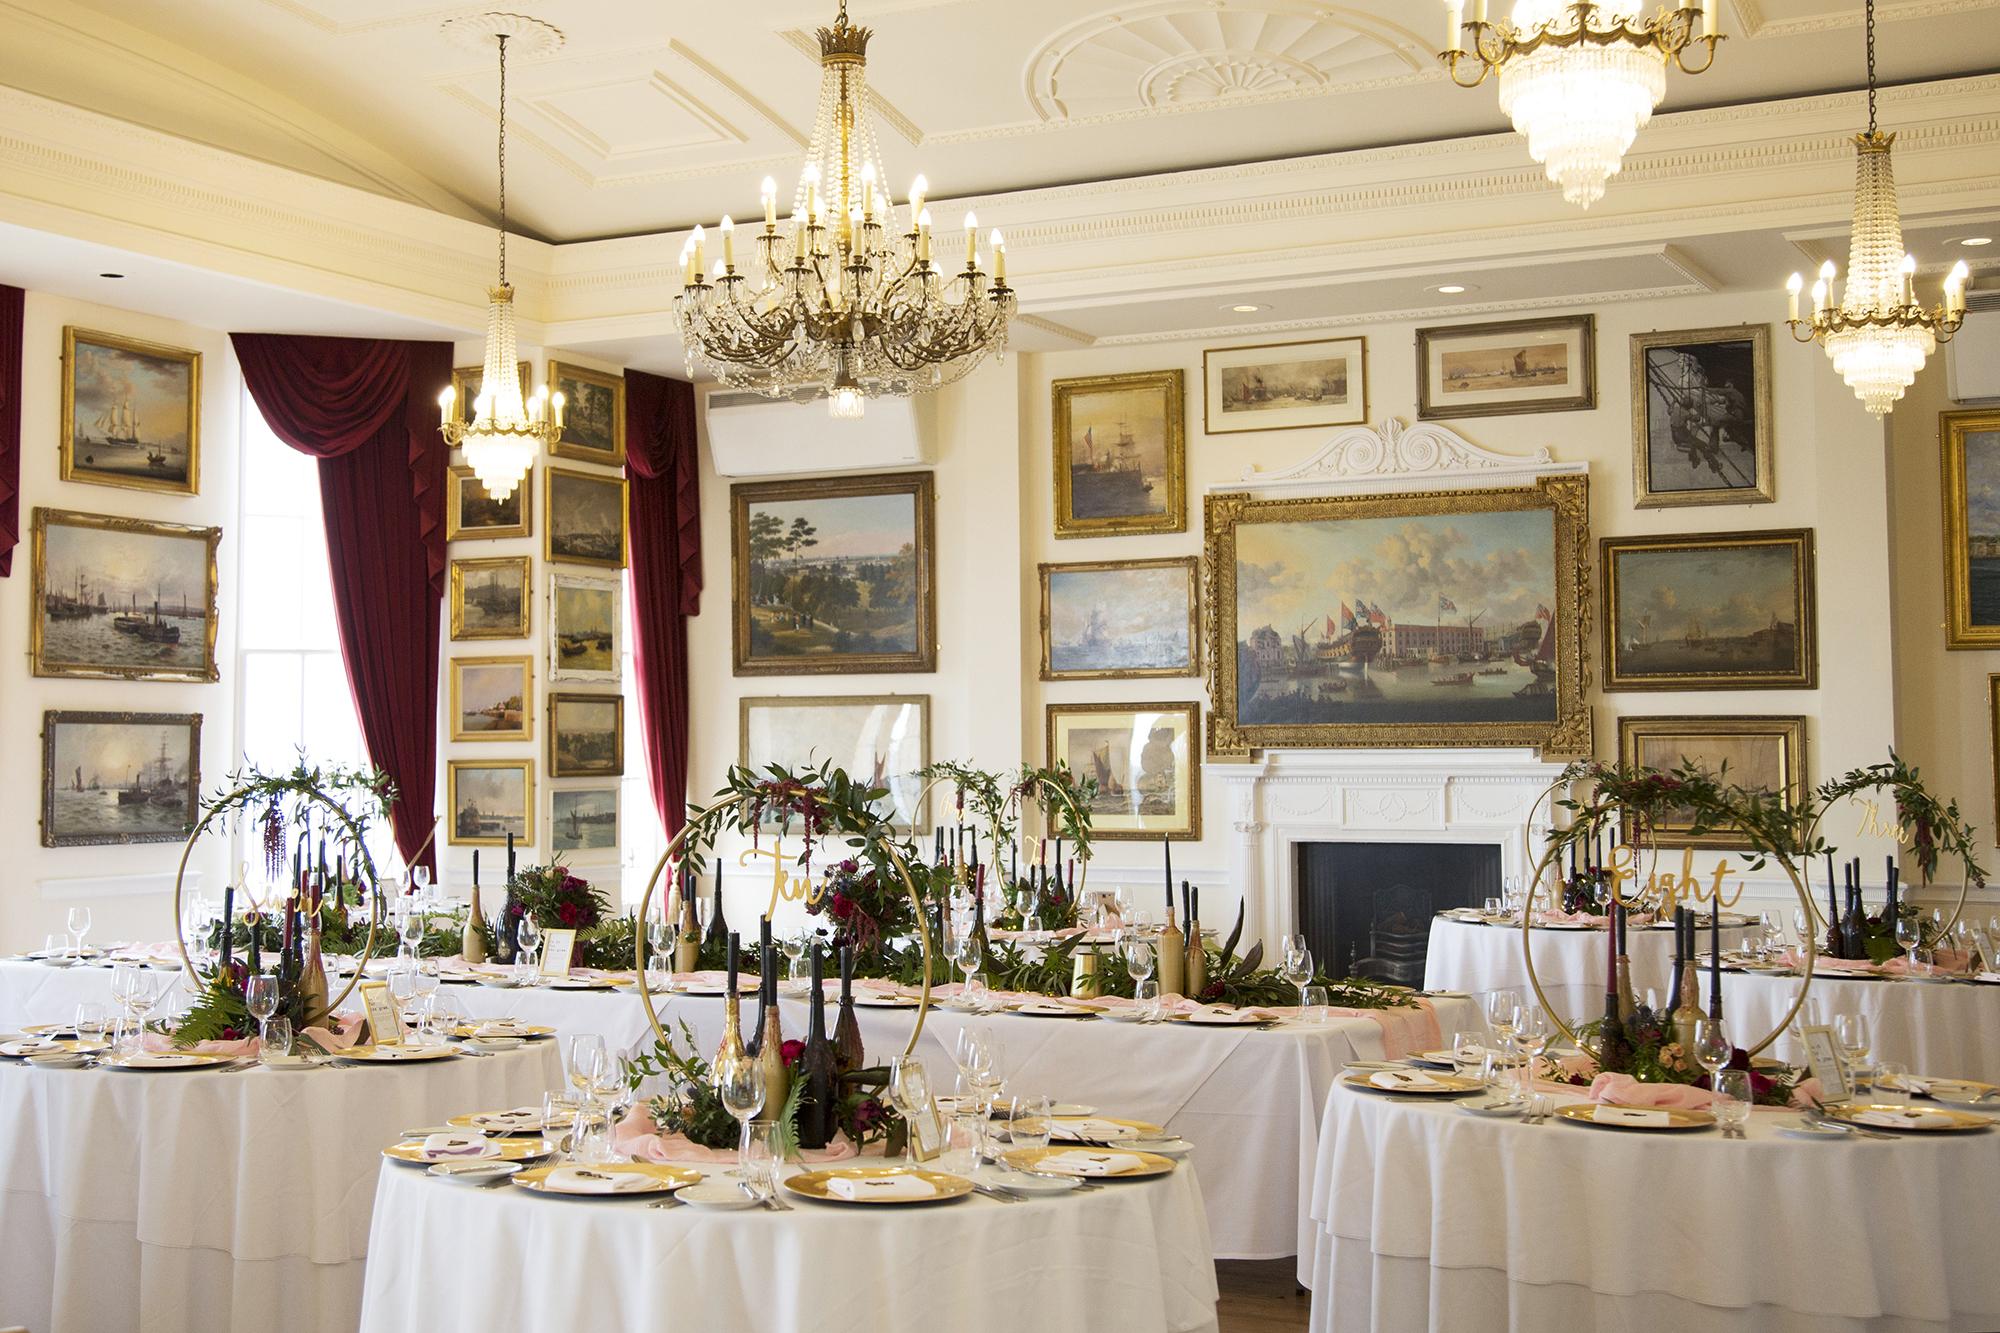 Trafalgar-Tavern-Greenwich-Wedding-Charlott-King-Photography (181)